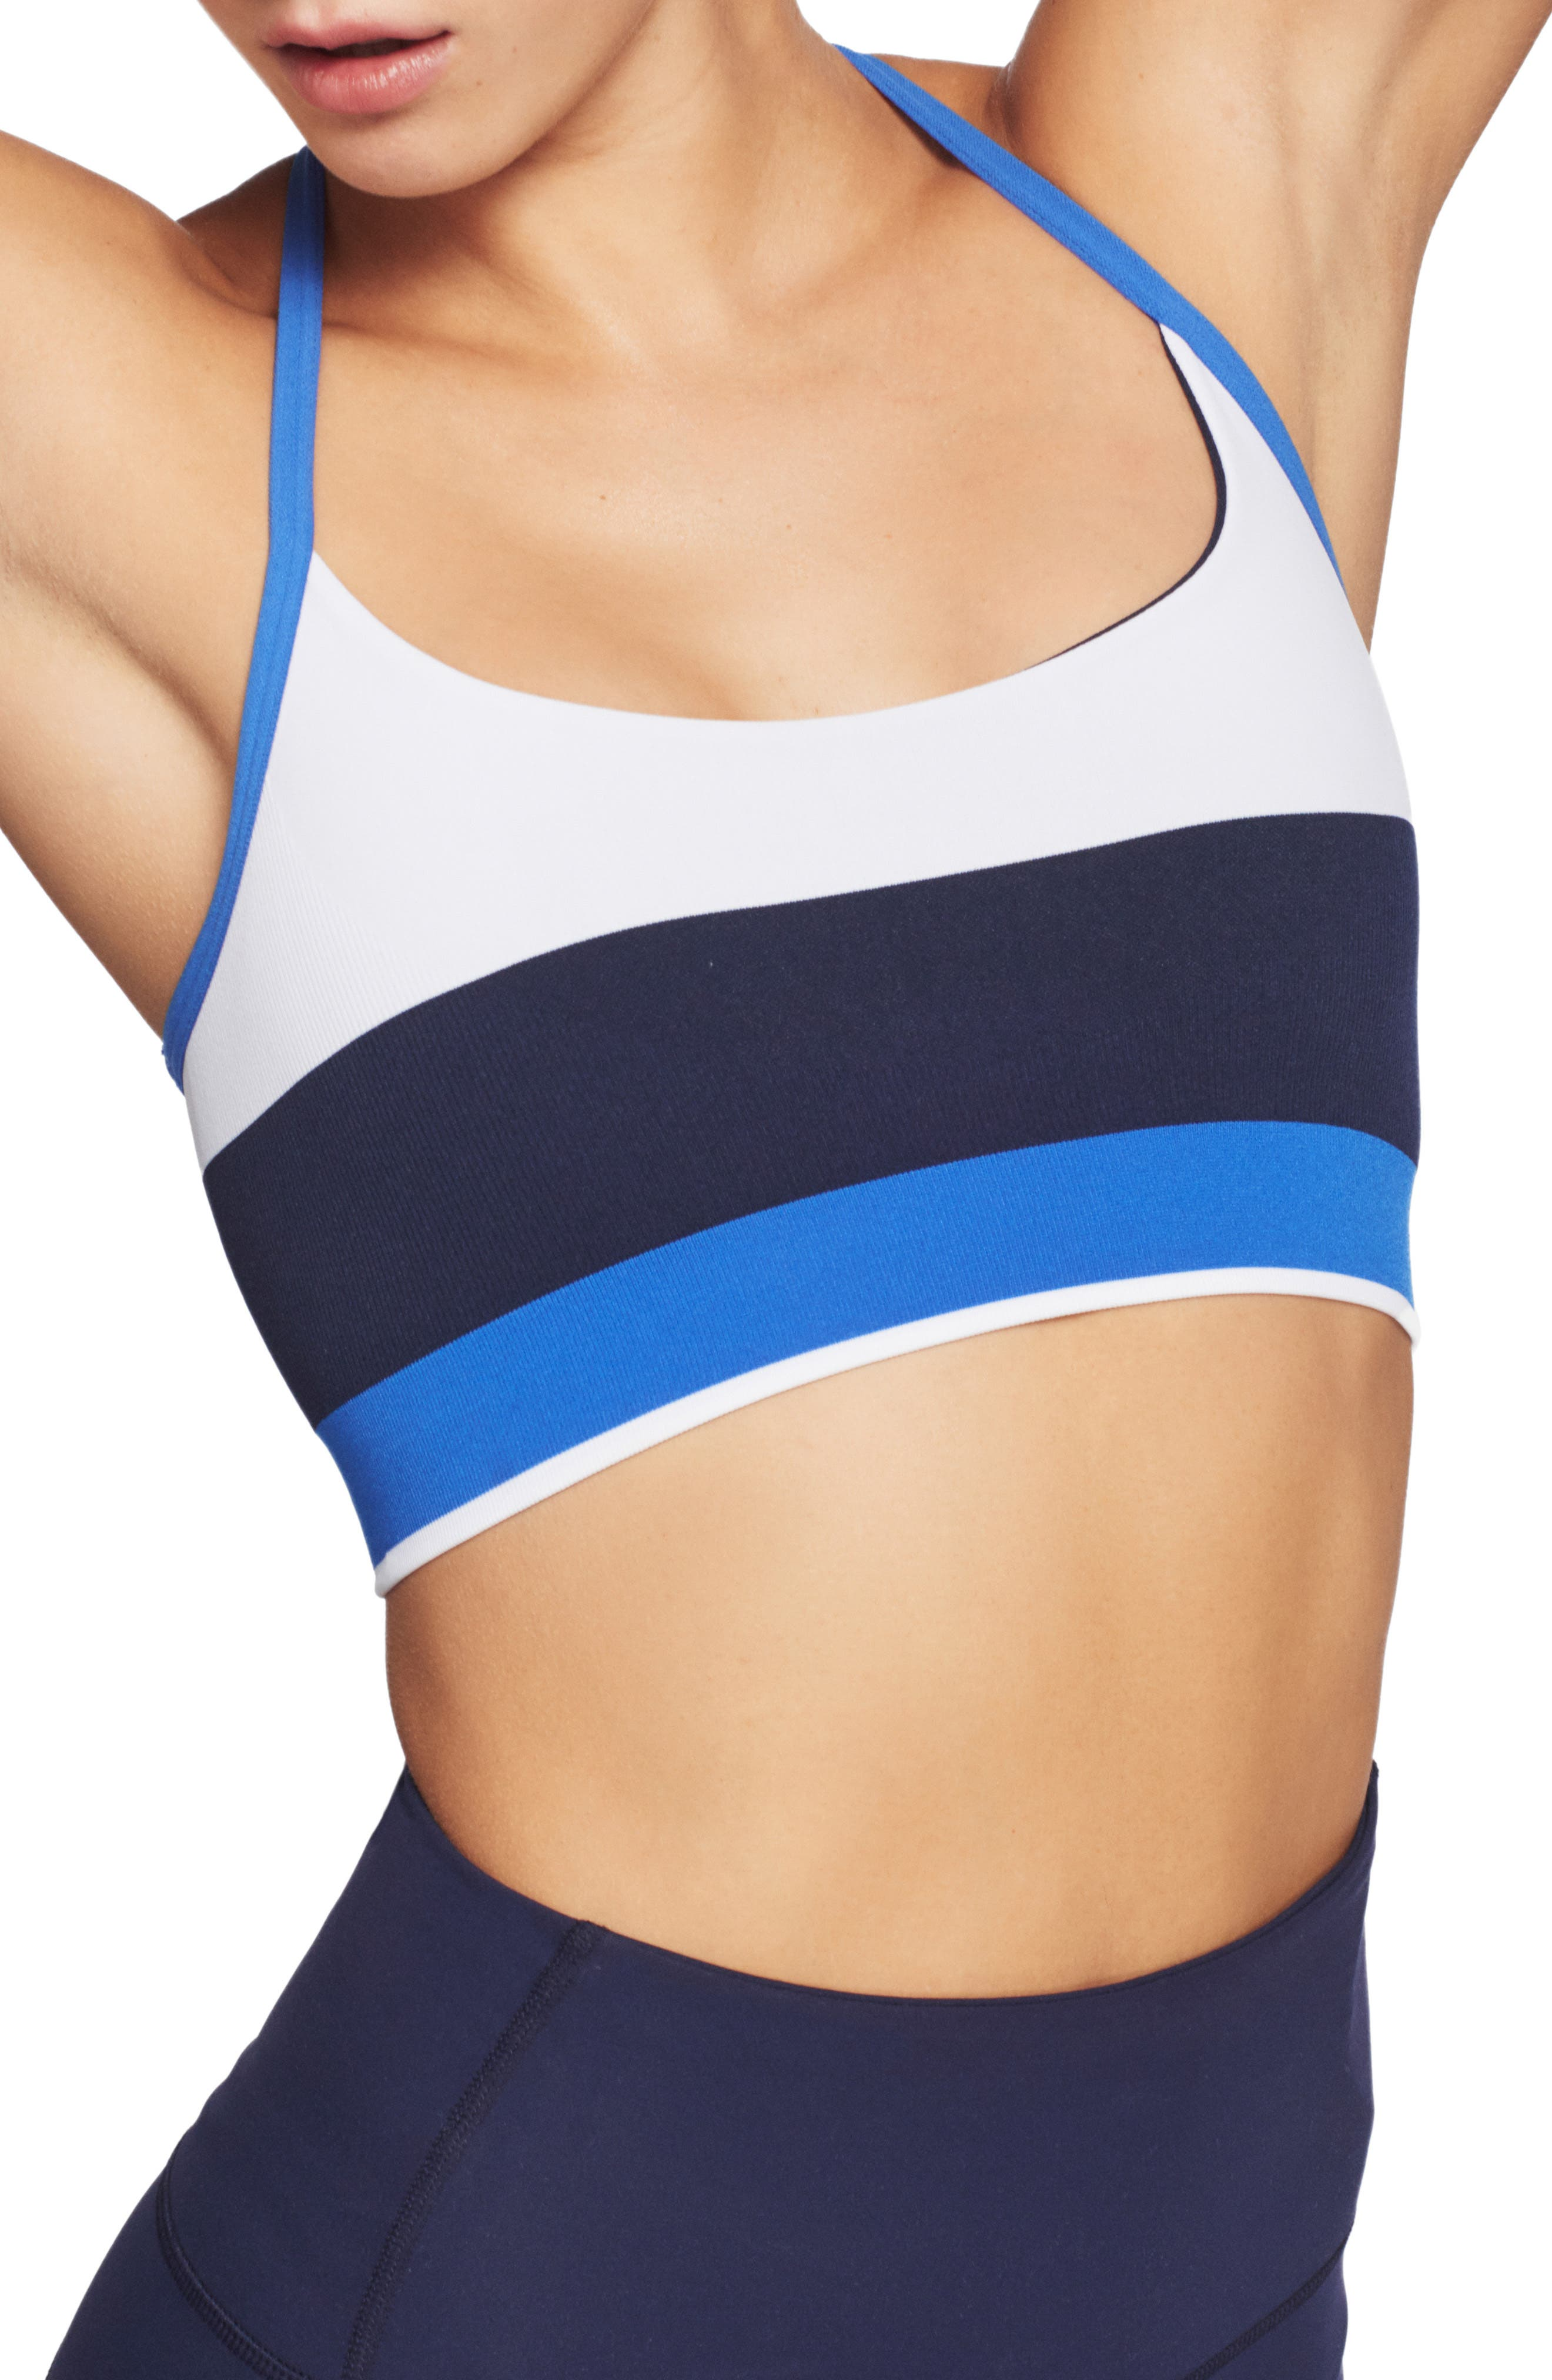 Lndr Shift Sports Bra, Blue